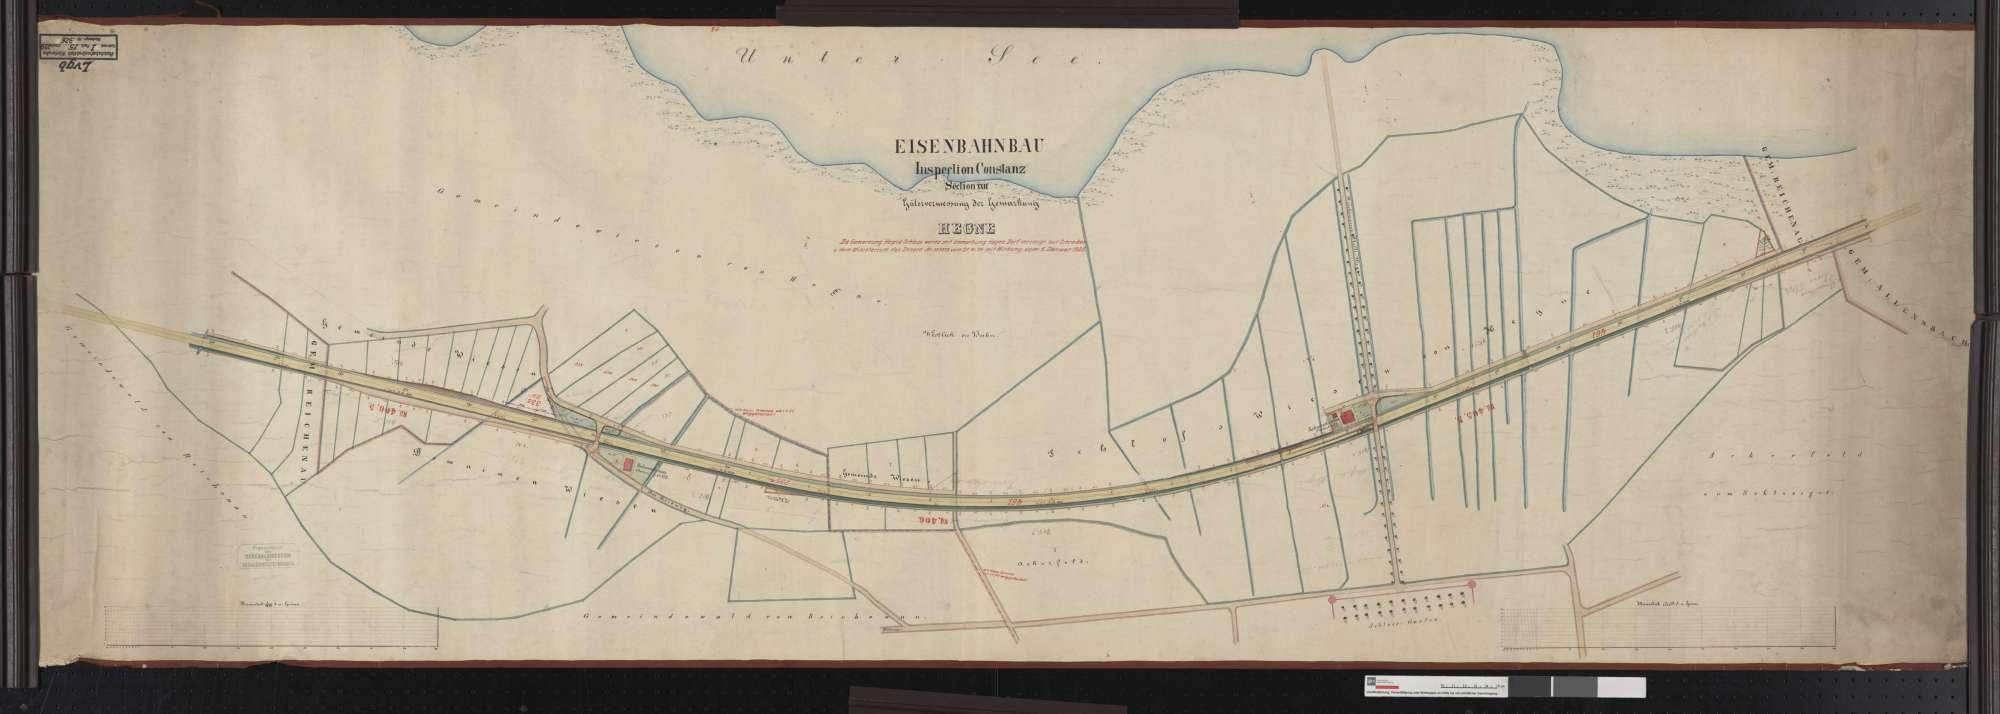 Gütervermessung der Eisenbahn, Inspektion Konstanz: Gemarkung Hegne Streckenausschnitt: 405,2 bis 406,6 km, Bild 1